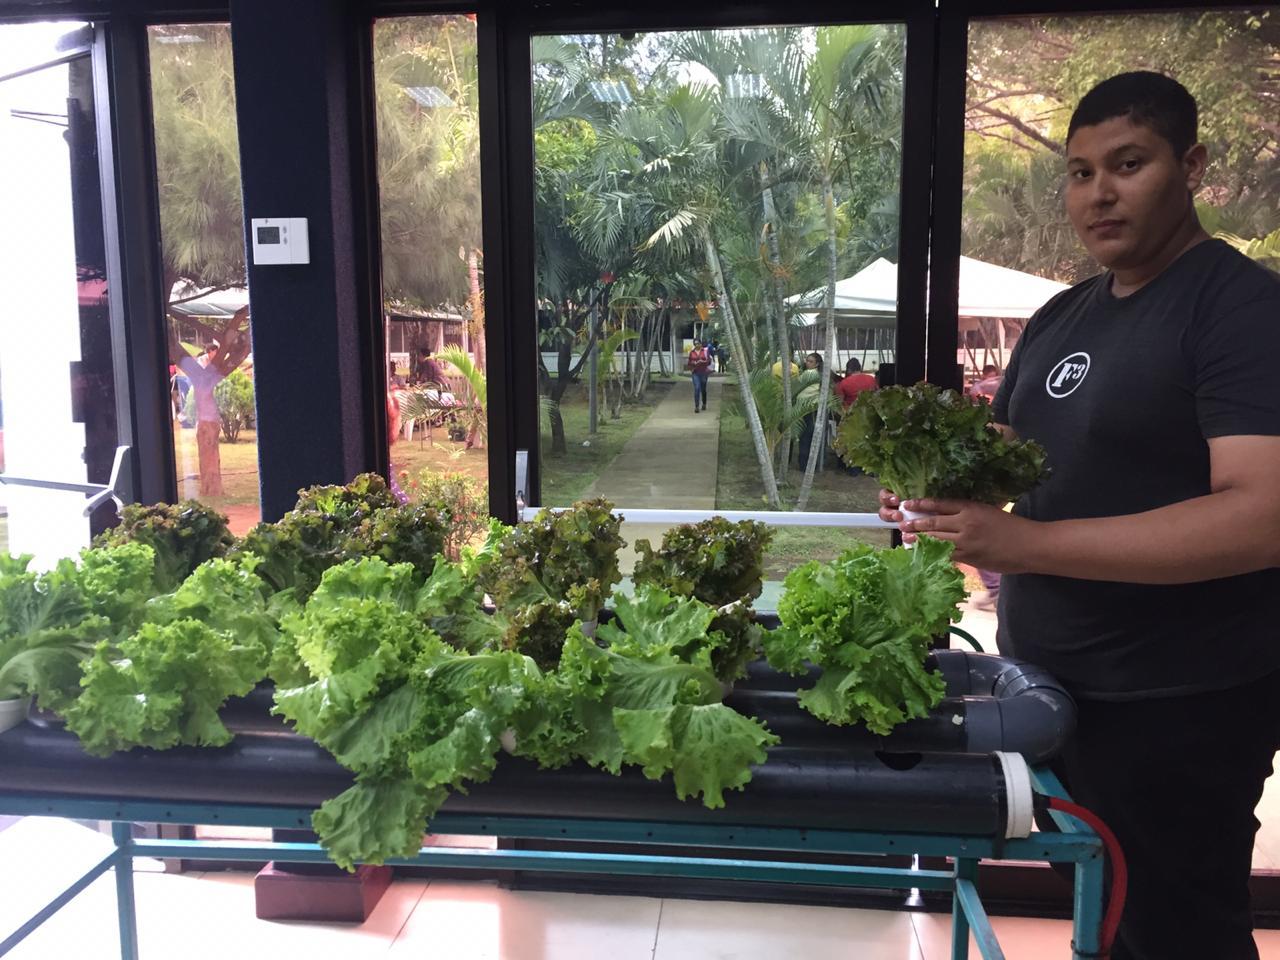 Sistema de Cultivo Hidropónico, una iniciativa integrada por un joven de Managua